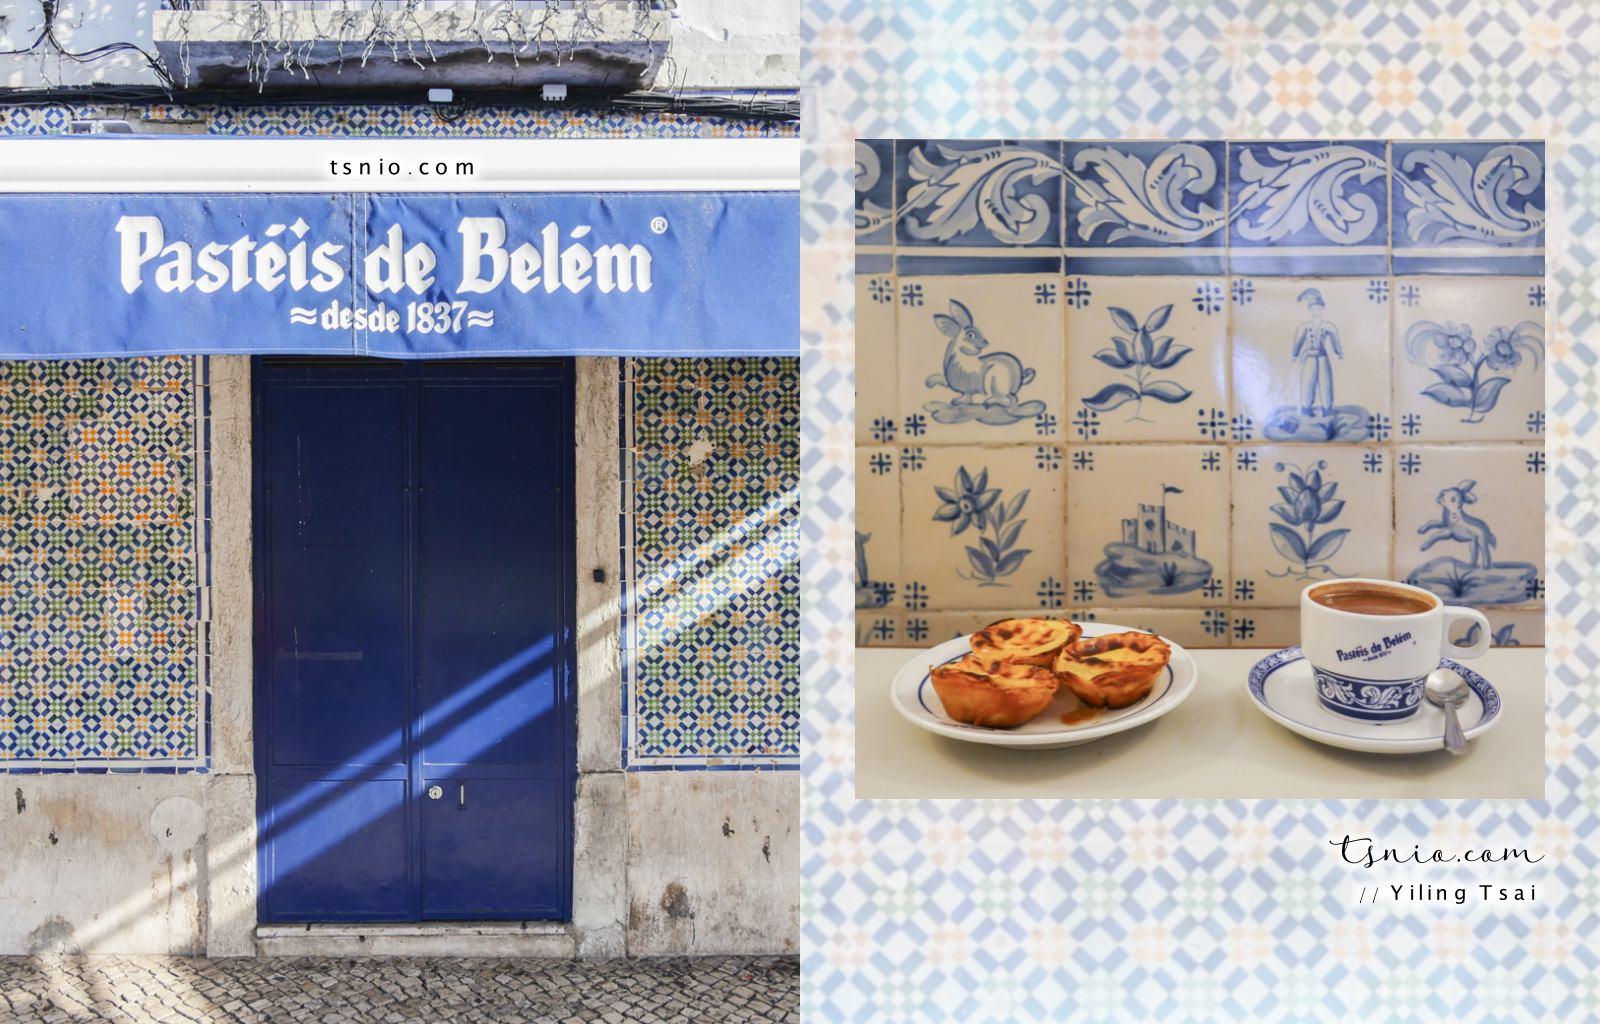 葡萄牙蛋塔推薦 里斯本波多蛋塔名店總整理